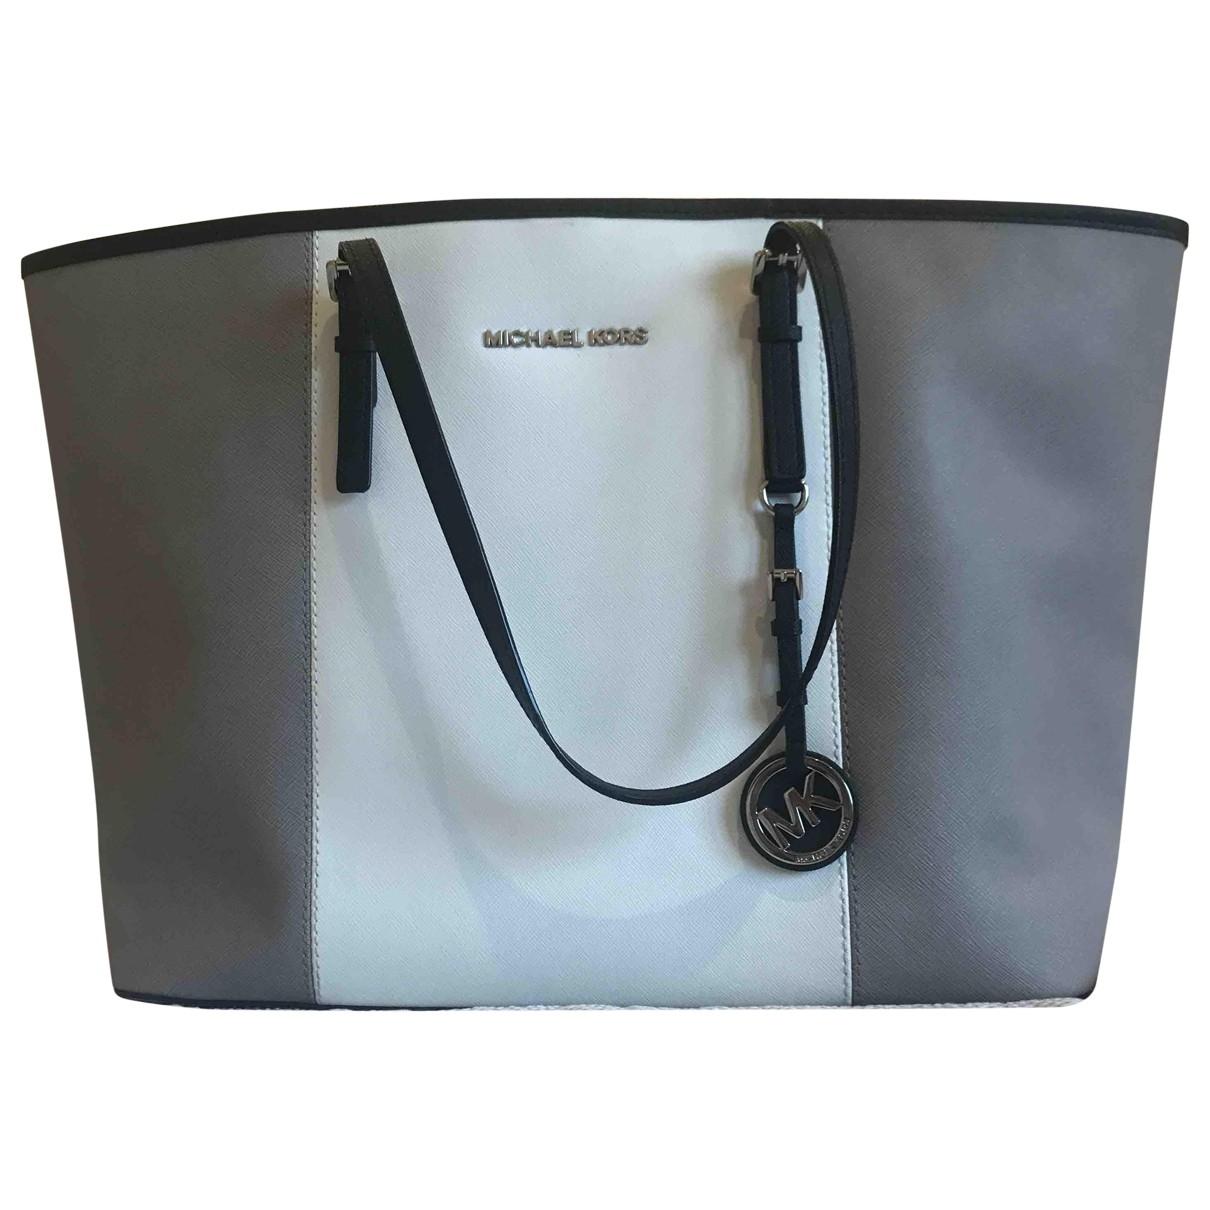 Michael Kors - Sac a main Jet Set pour femme en cuir - gris